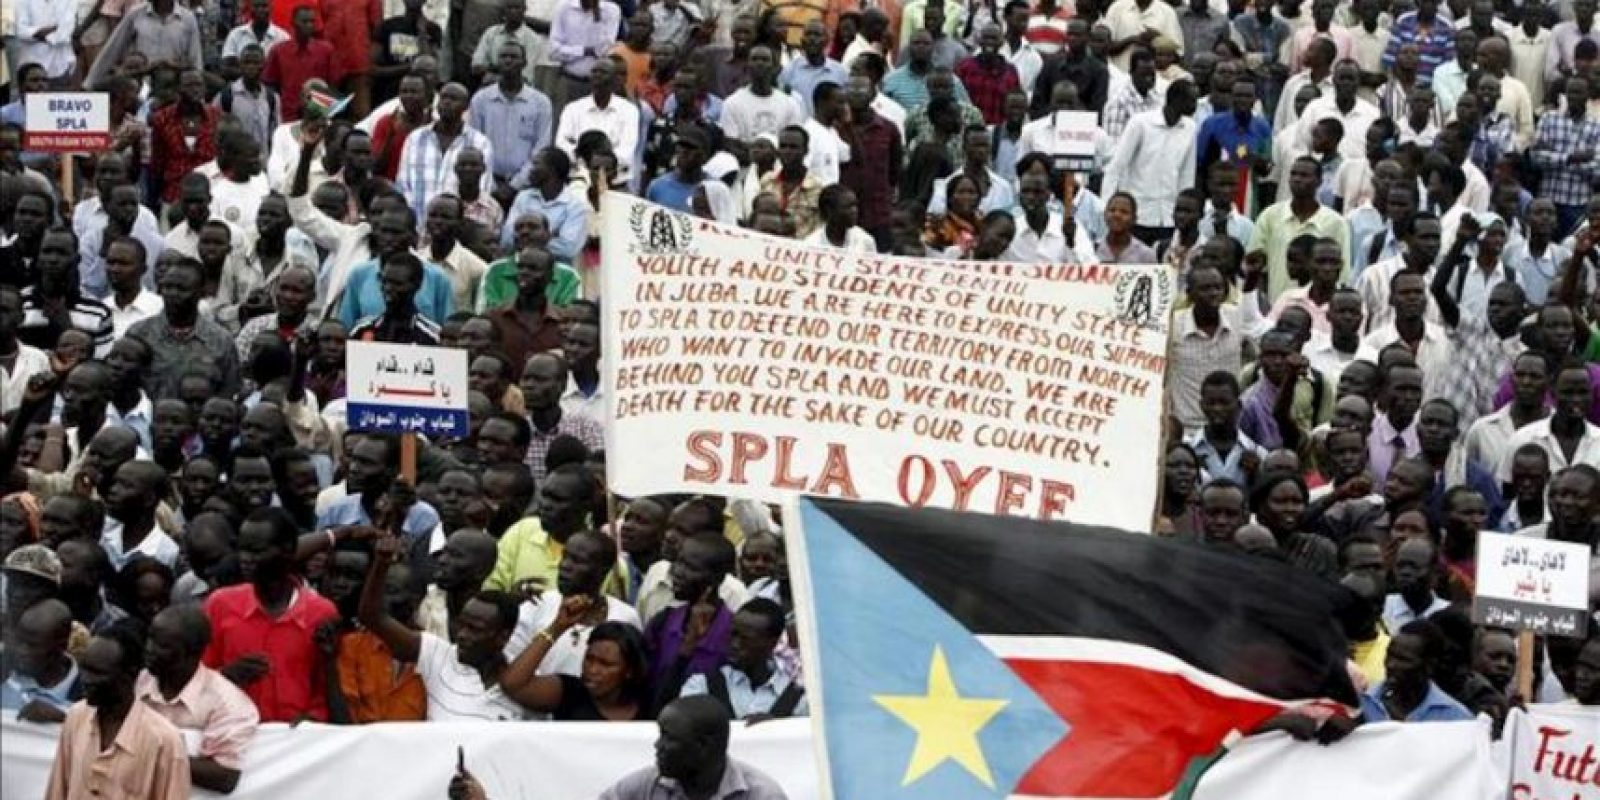 Sursudaneses se manifiestan para mostrar su apoyo al ejército, en Yuba, Sudán del Sur, hoy, miércoles 18 de abril de 2012. EFE